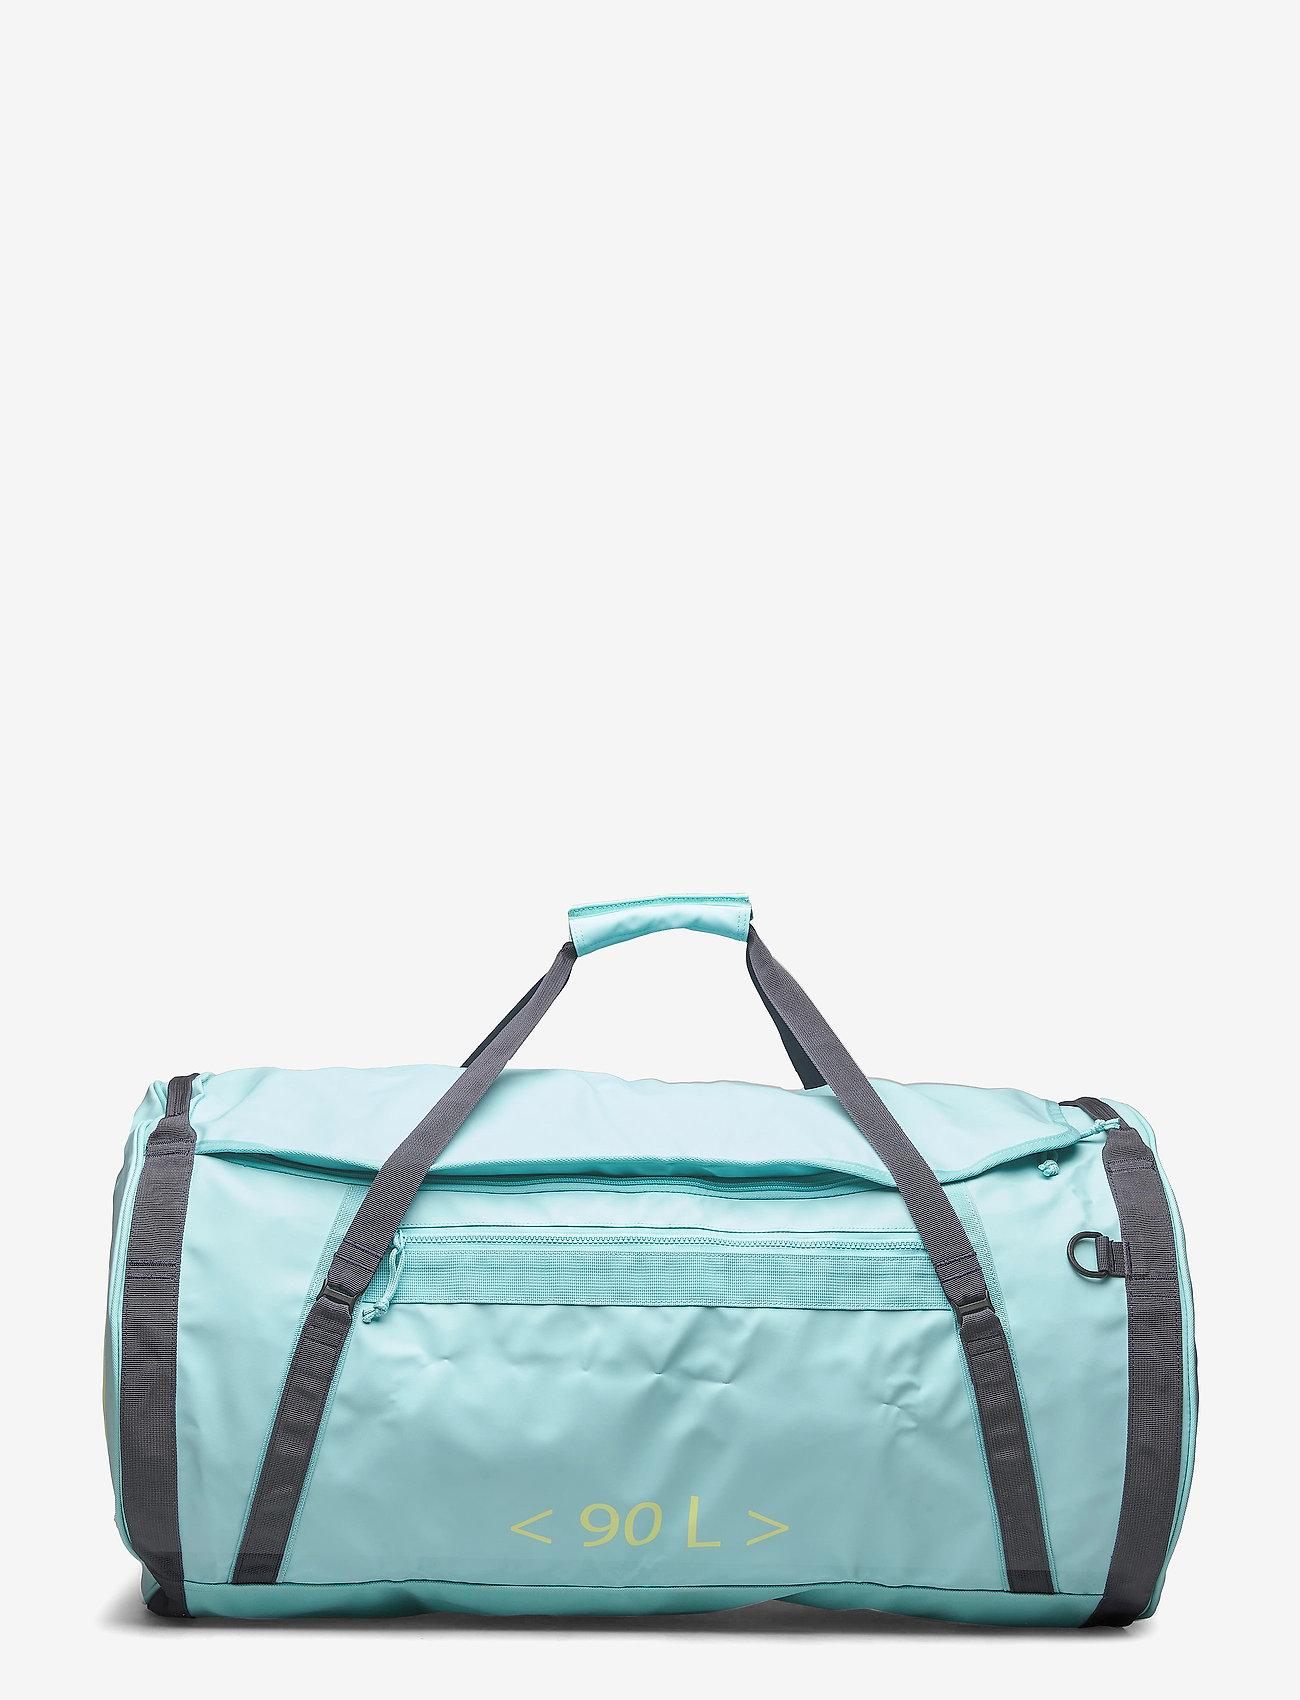 Helly Hansen - HH DUFFEL BAG 2 90L - sacs d'entraînement - glacier blue / graphite bl - 1